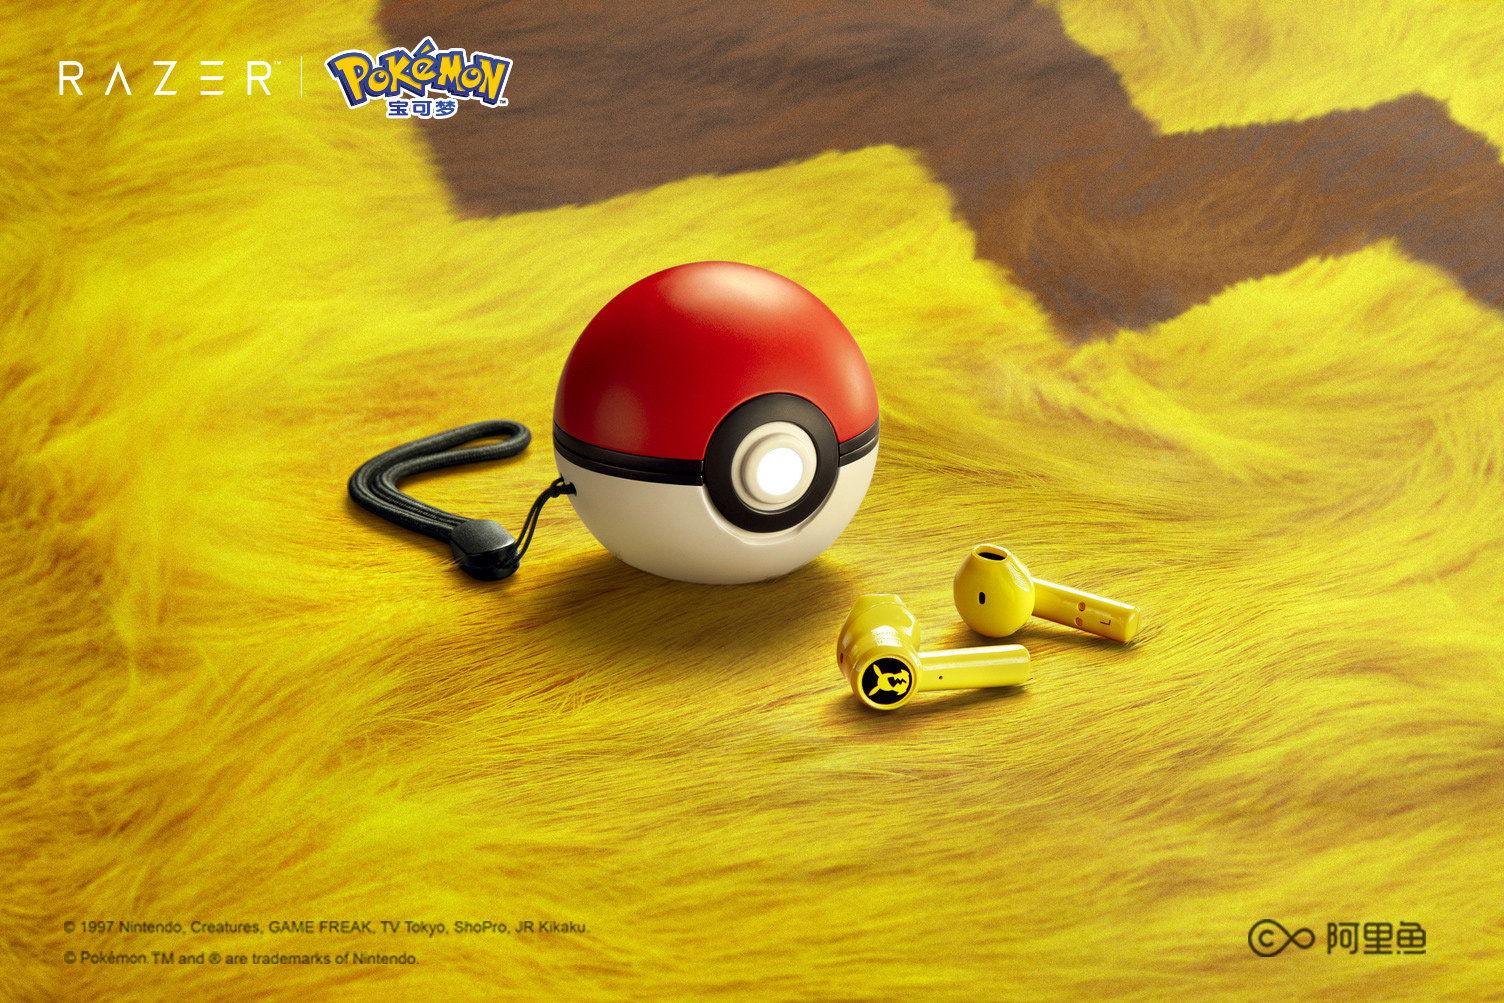 雷蛇联合宝可梦推出「皮卡丘」真无线耳机:4月16日开售